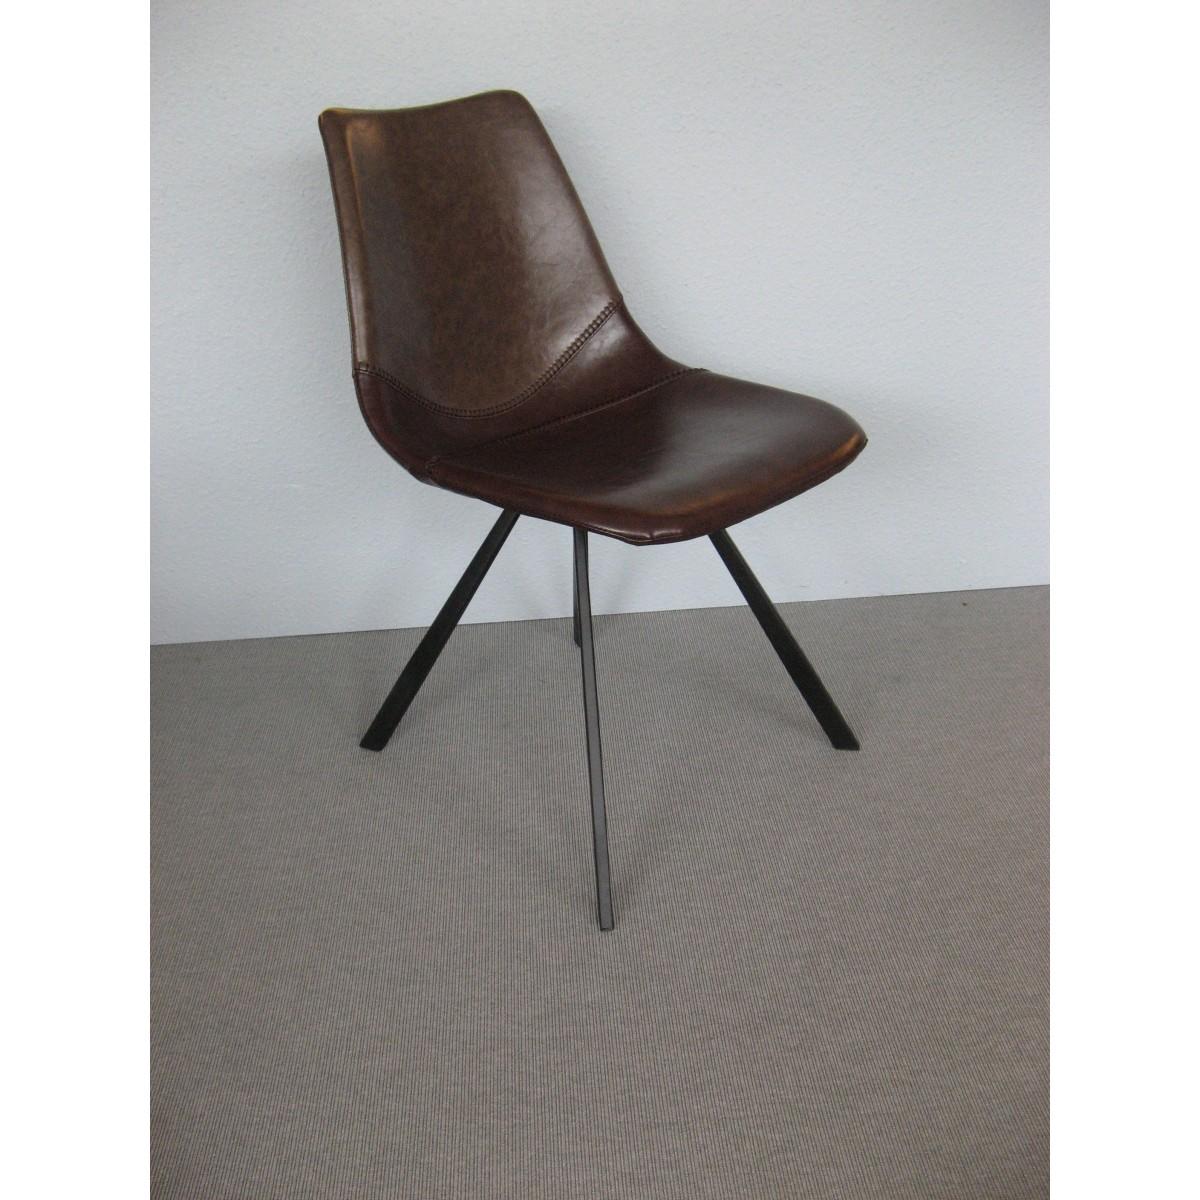 Chaise Cuir Brun Excellent Chaise Design Simili Cuir